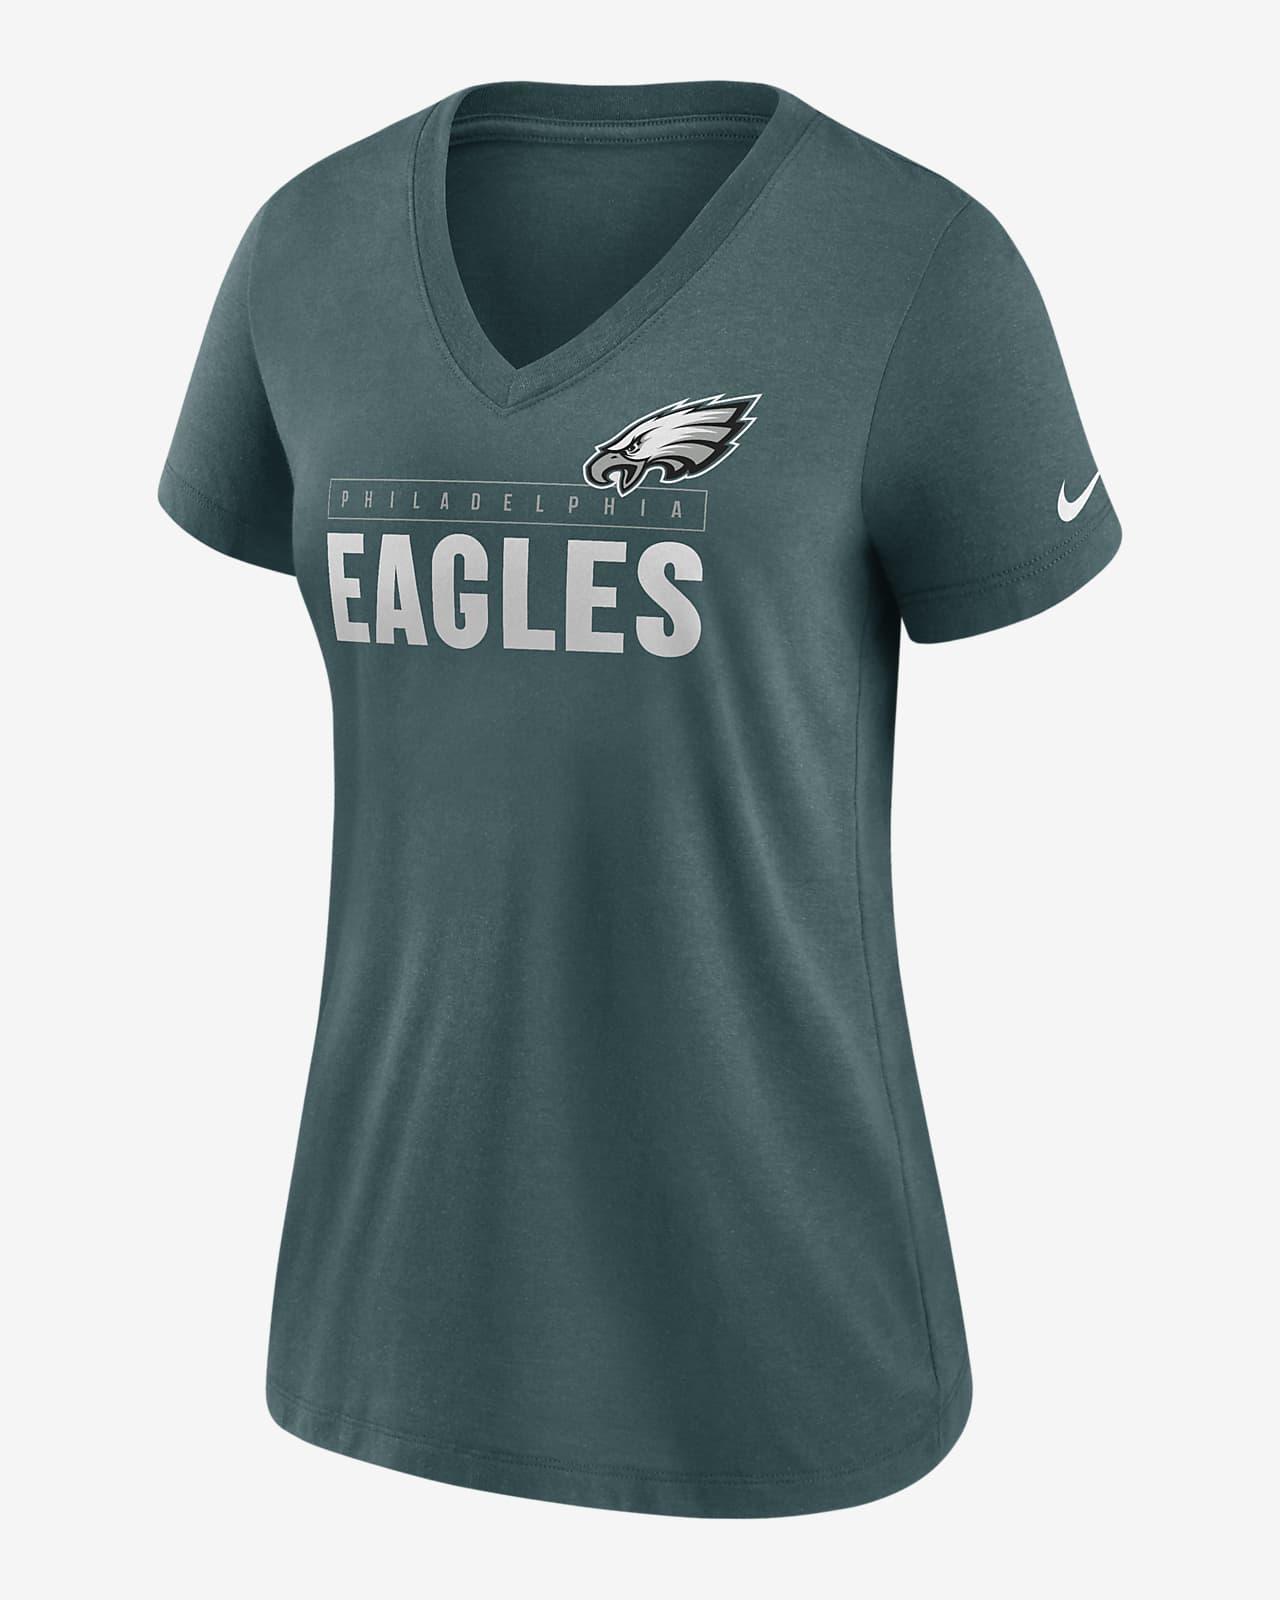 Nike Logo (NFL Philadelphia Eagles) Women's Mid V-Neck T-Shirt